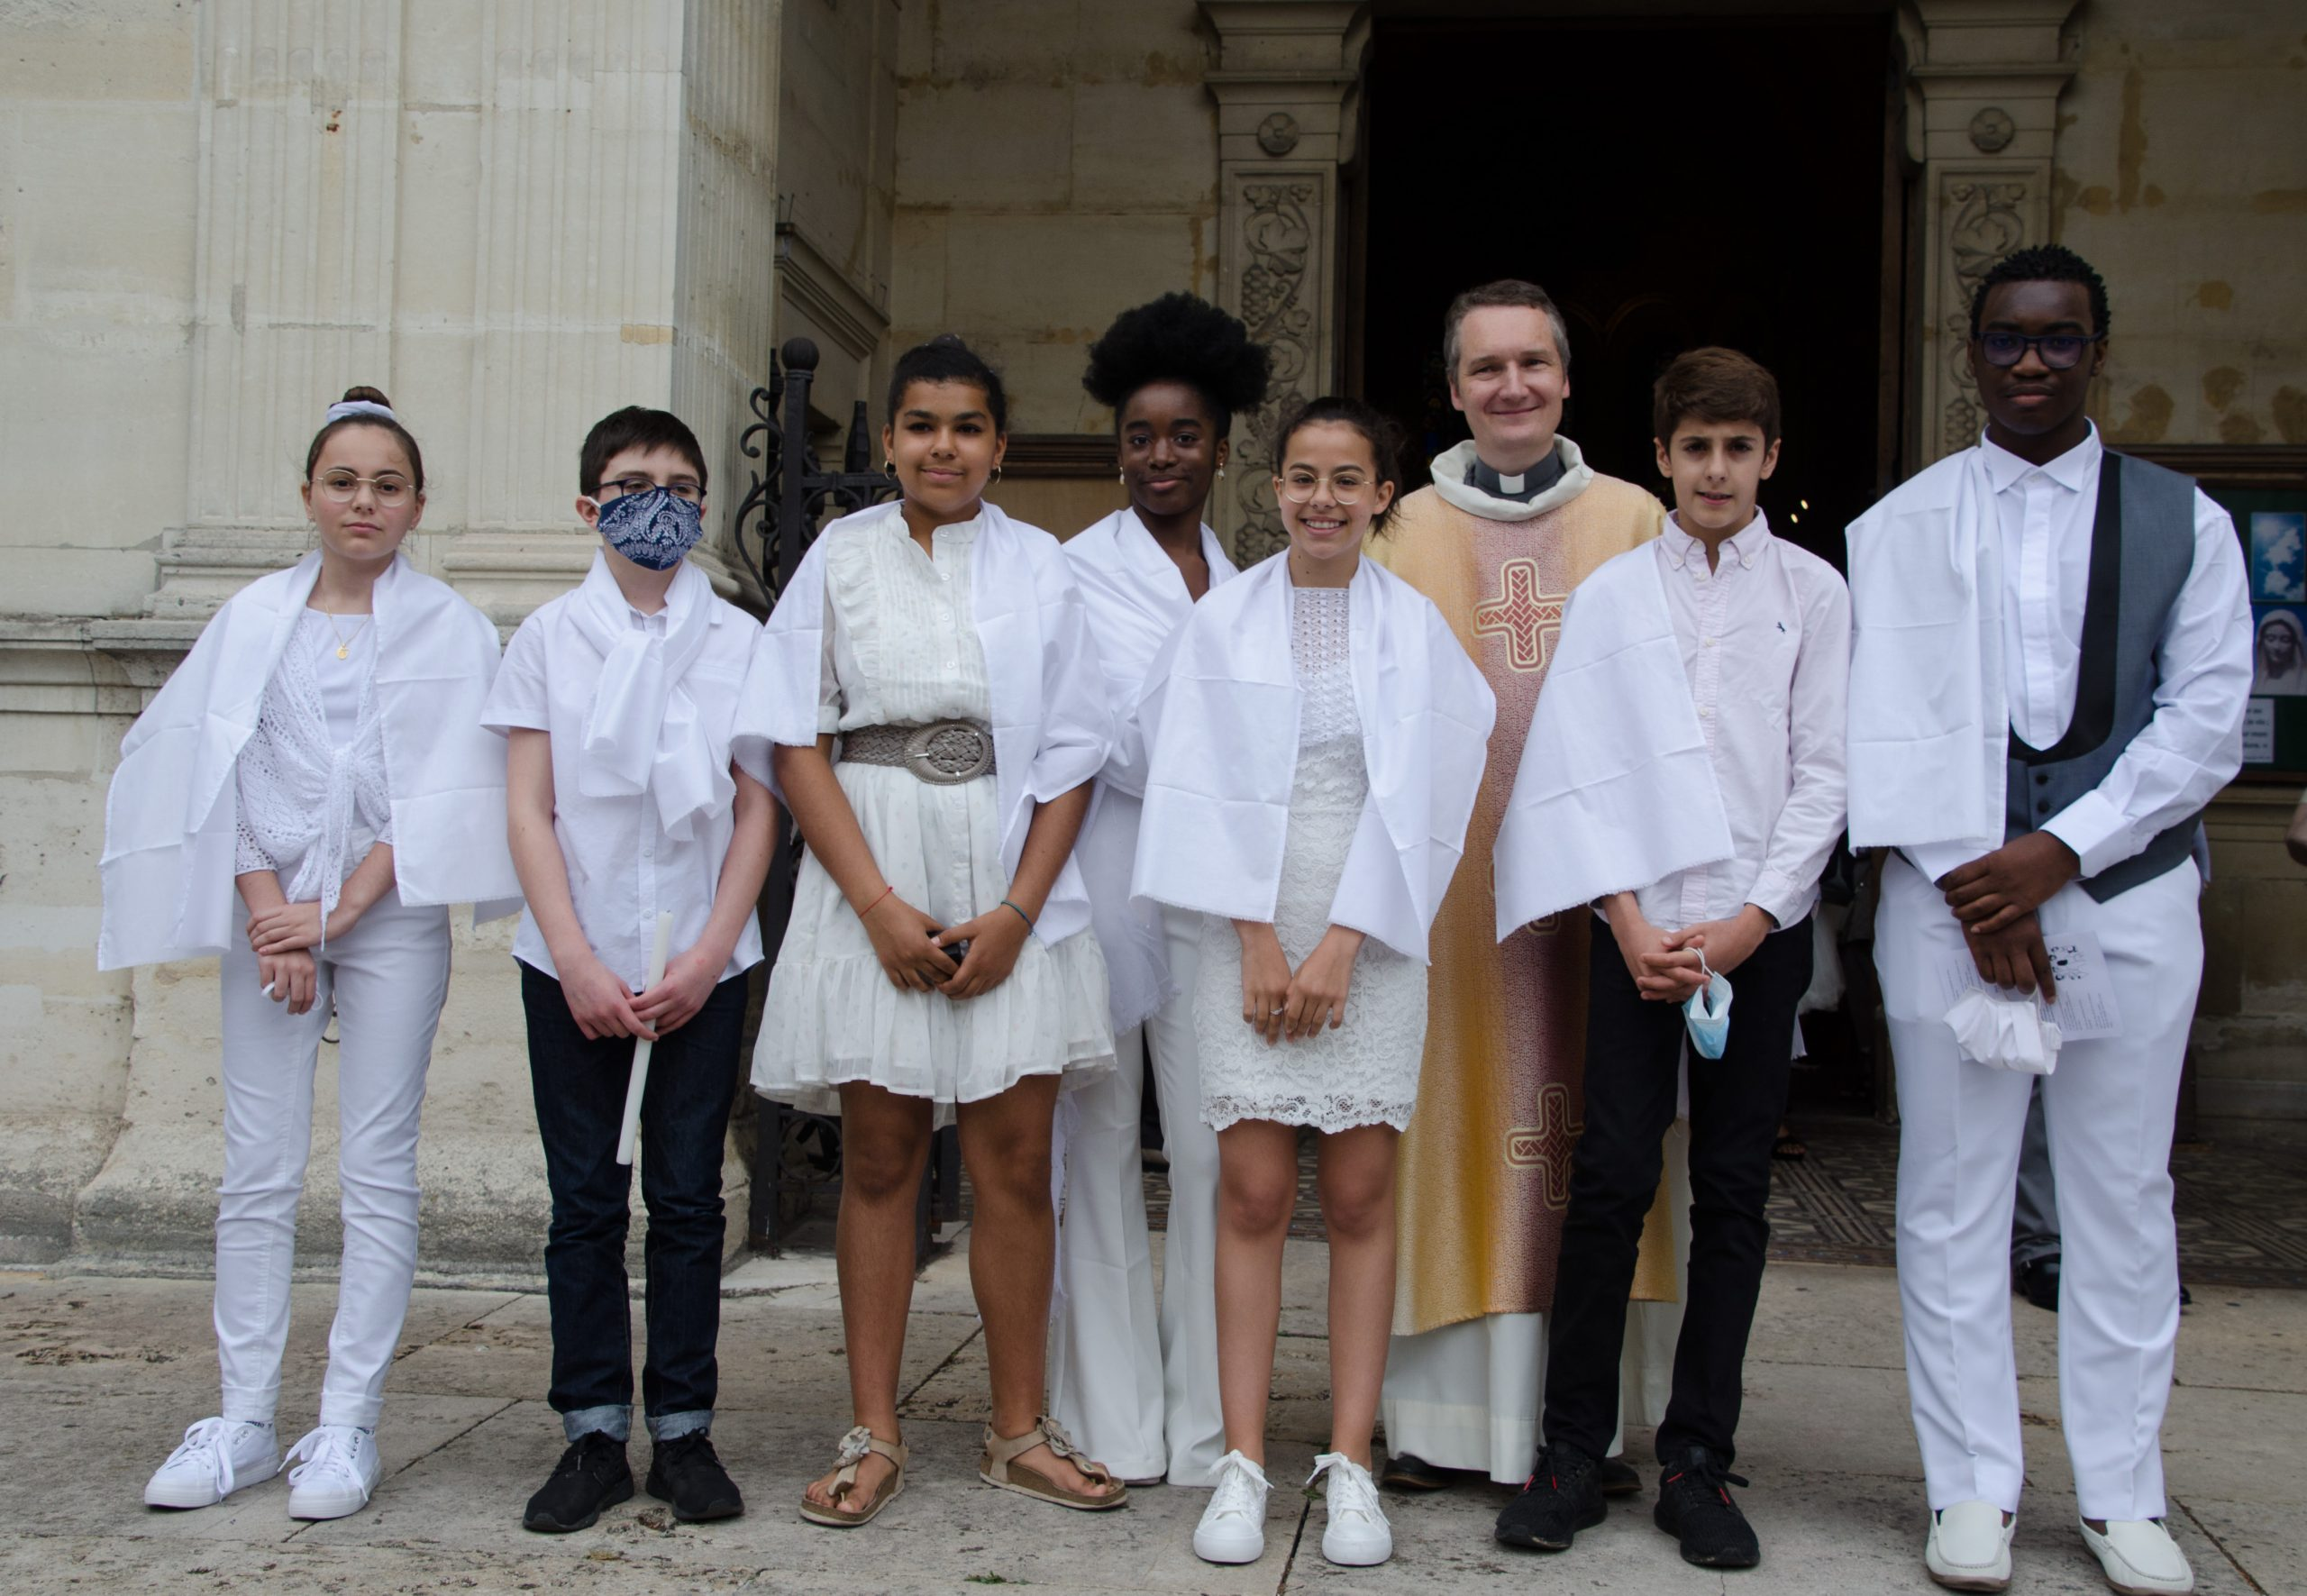 Baptême et première communion d'Adel, Angie, Rose, Cyril, Chiara, Paloma, Jean-Michel et de Malou.